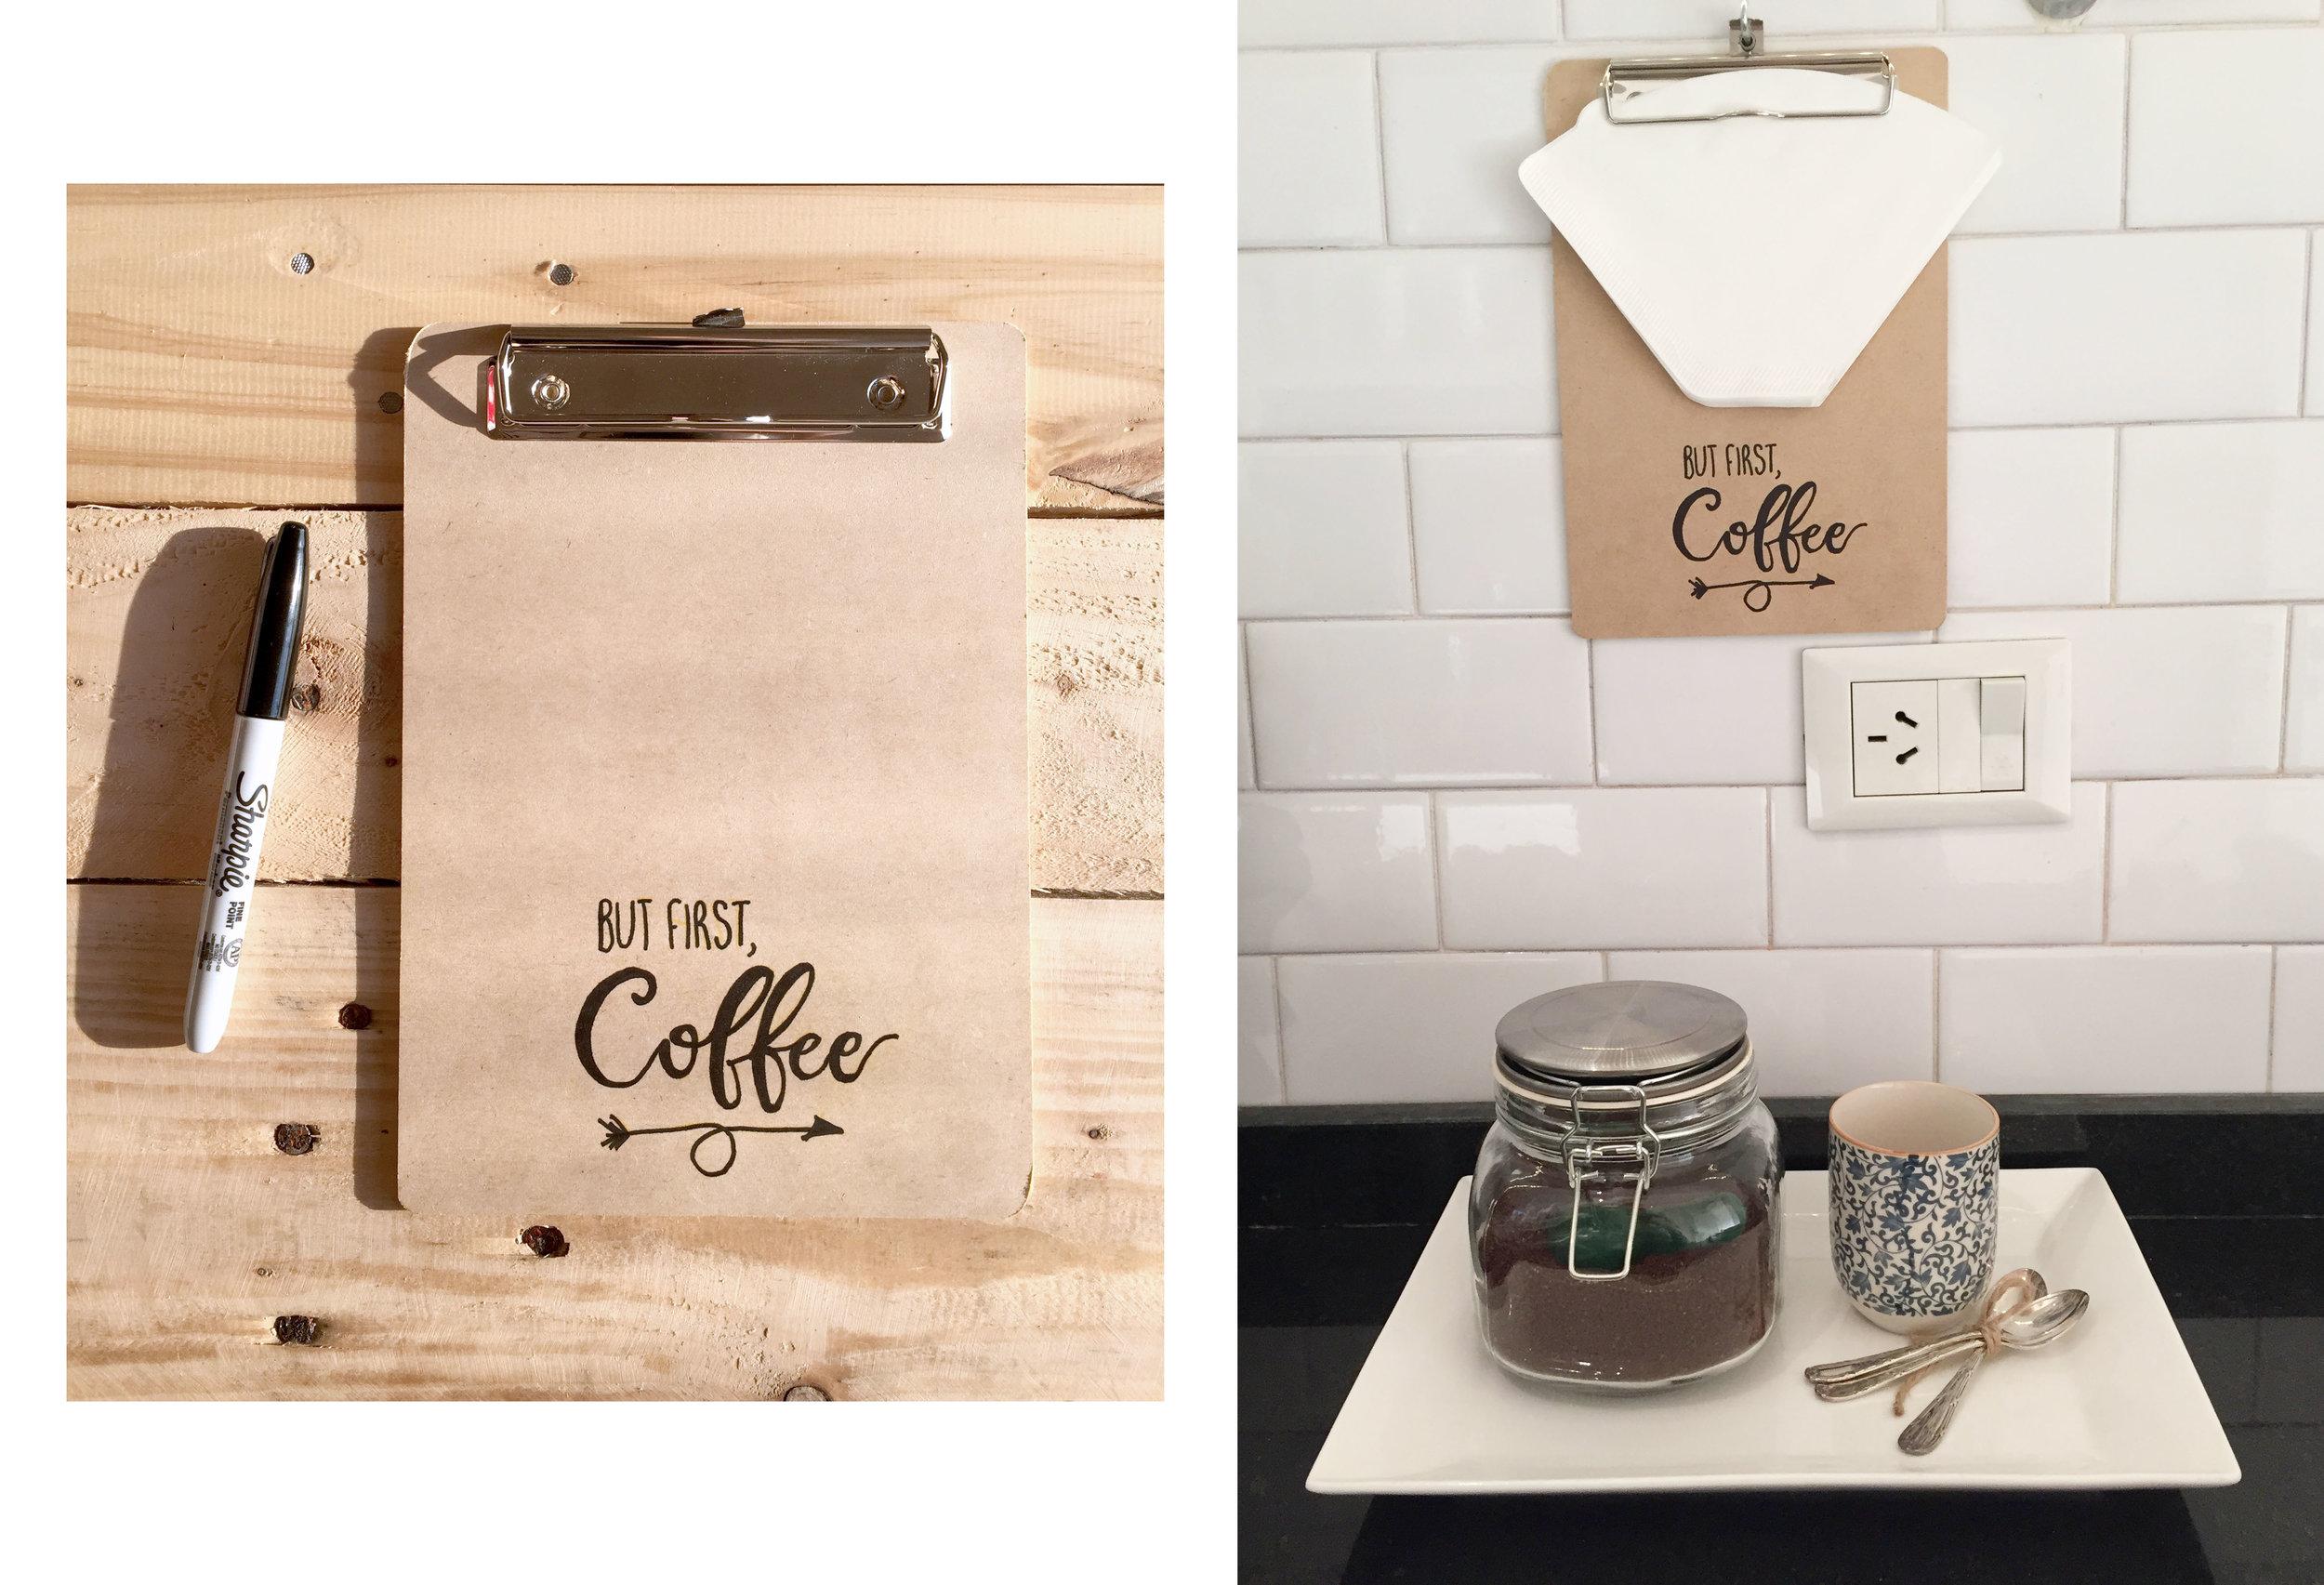 Porta filtros de café - DIY - The Experimess